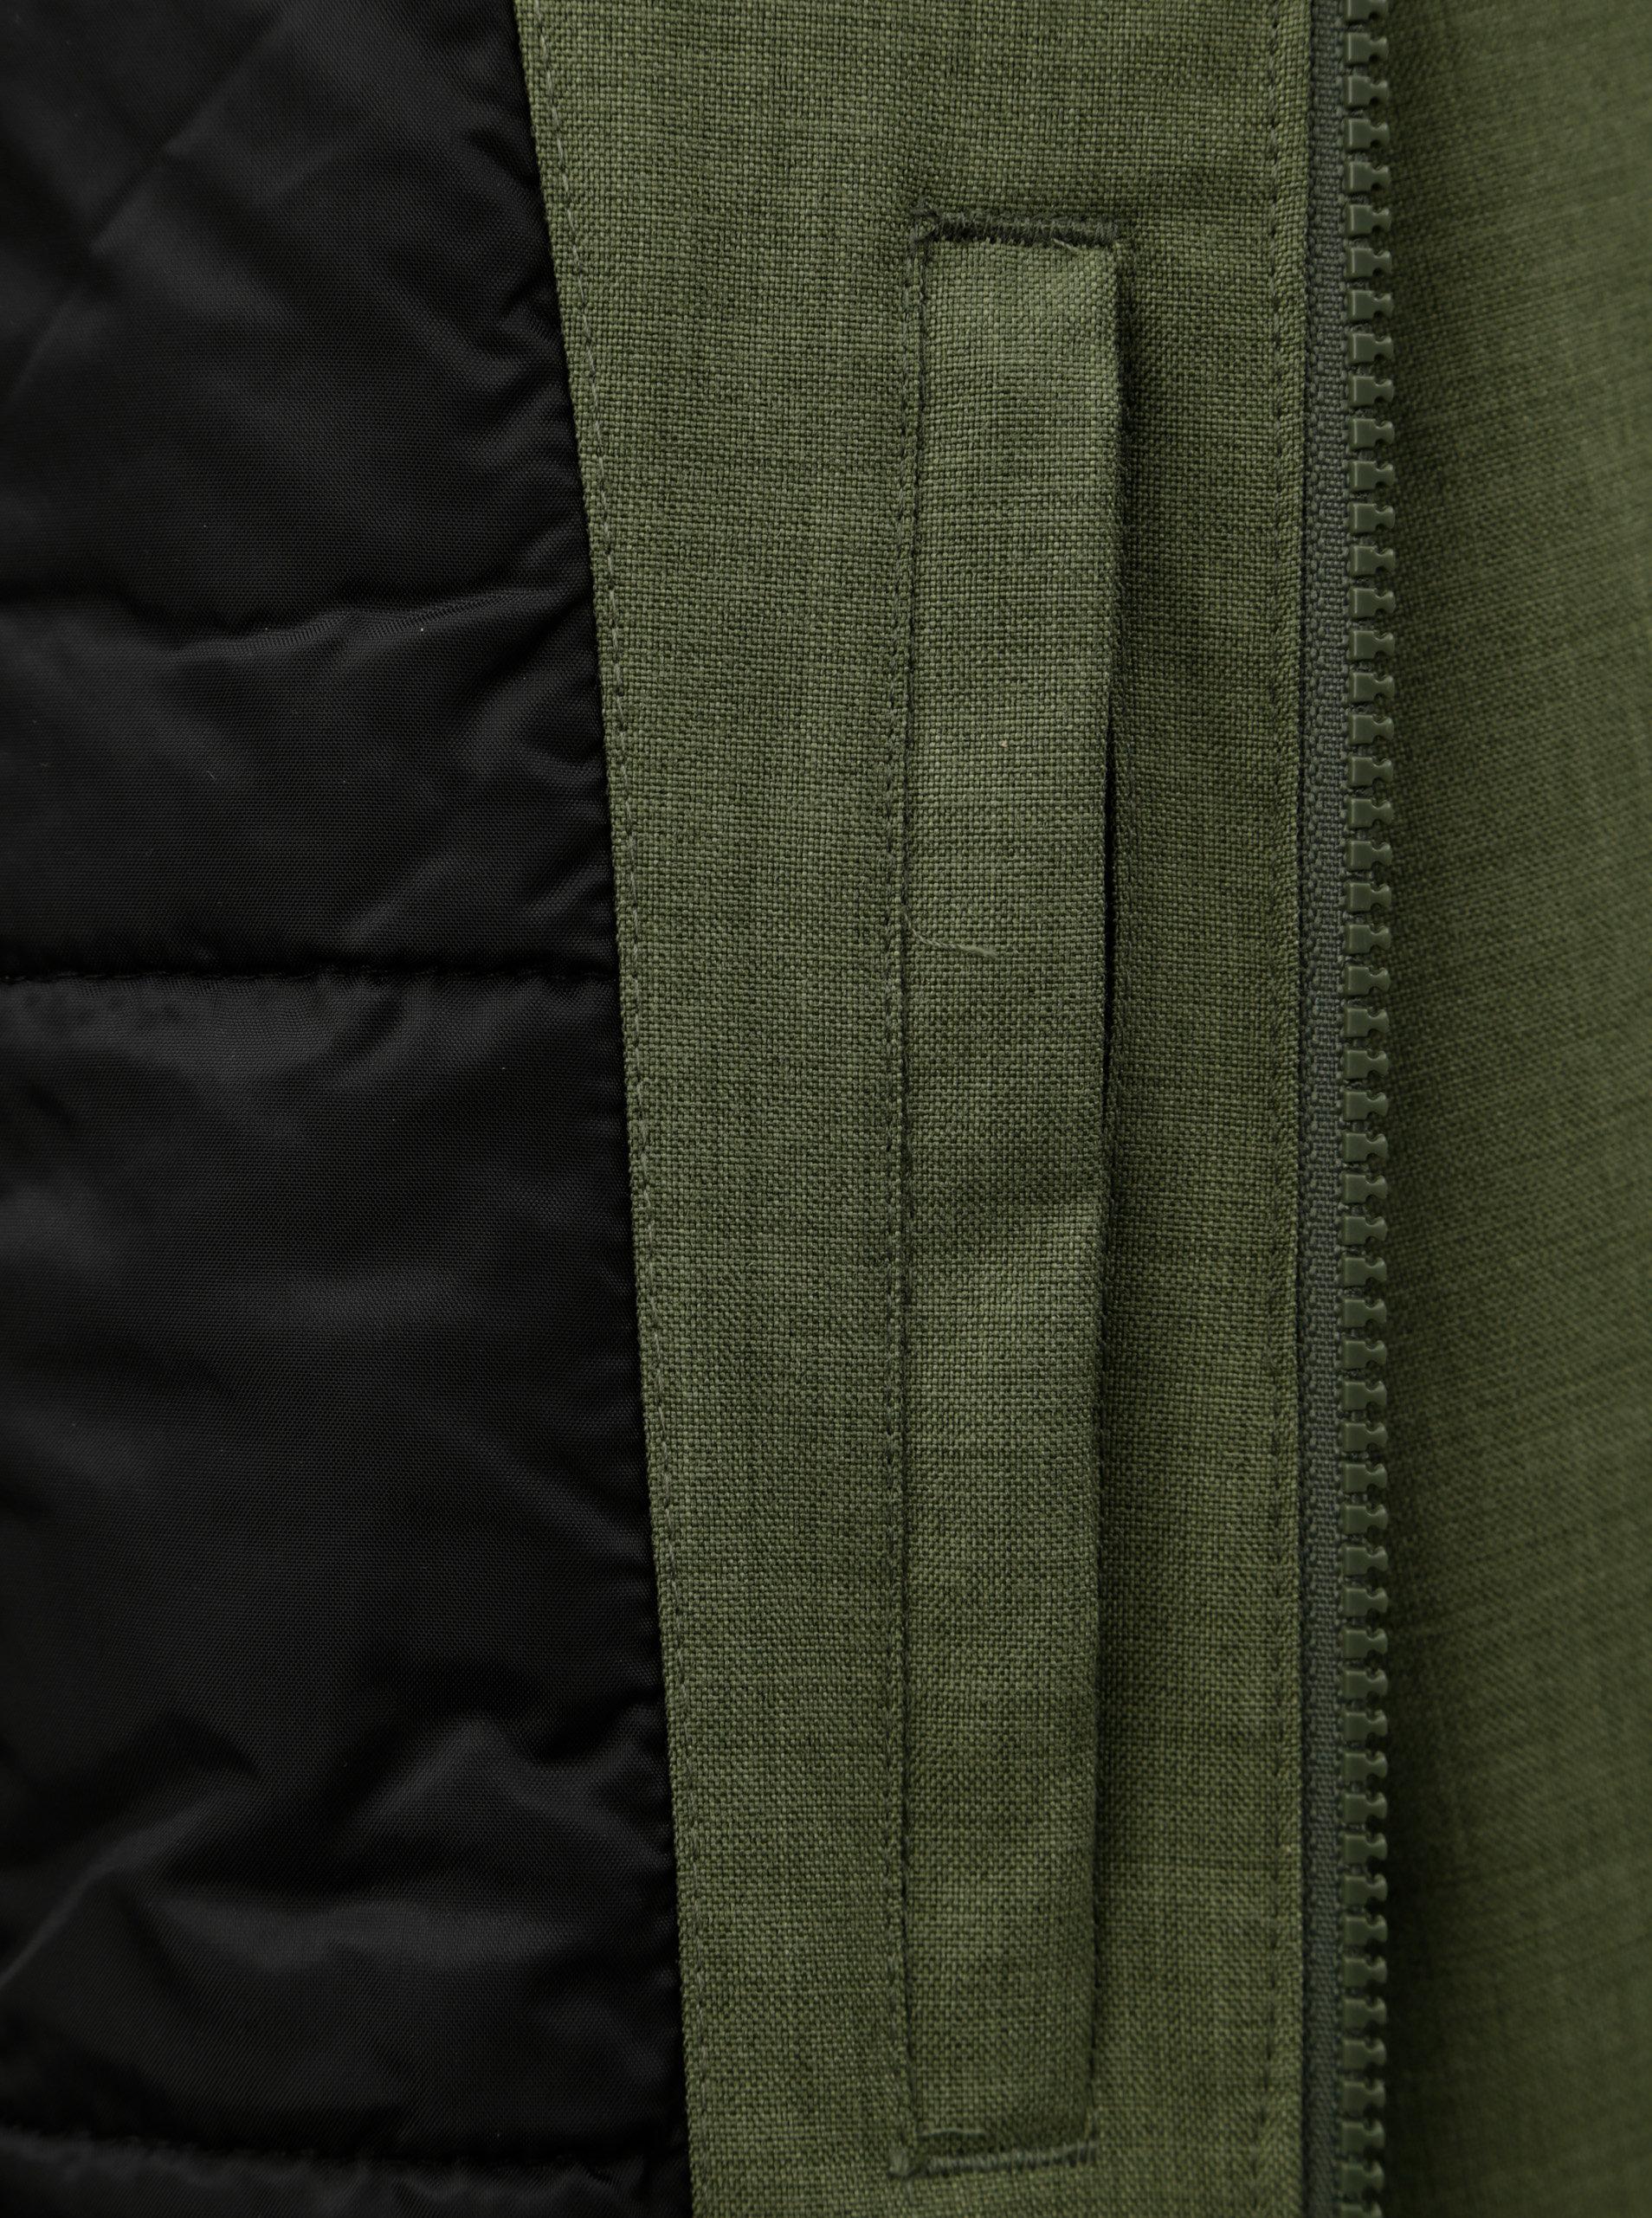 Zelená dámska funkčná zimná parka so zateplenou kapucňou Horsefeathers Mica  ... 90cd2fca214